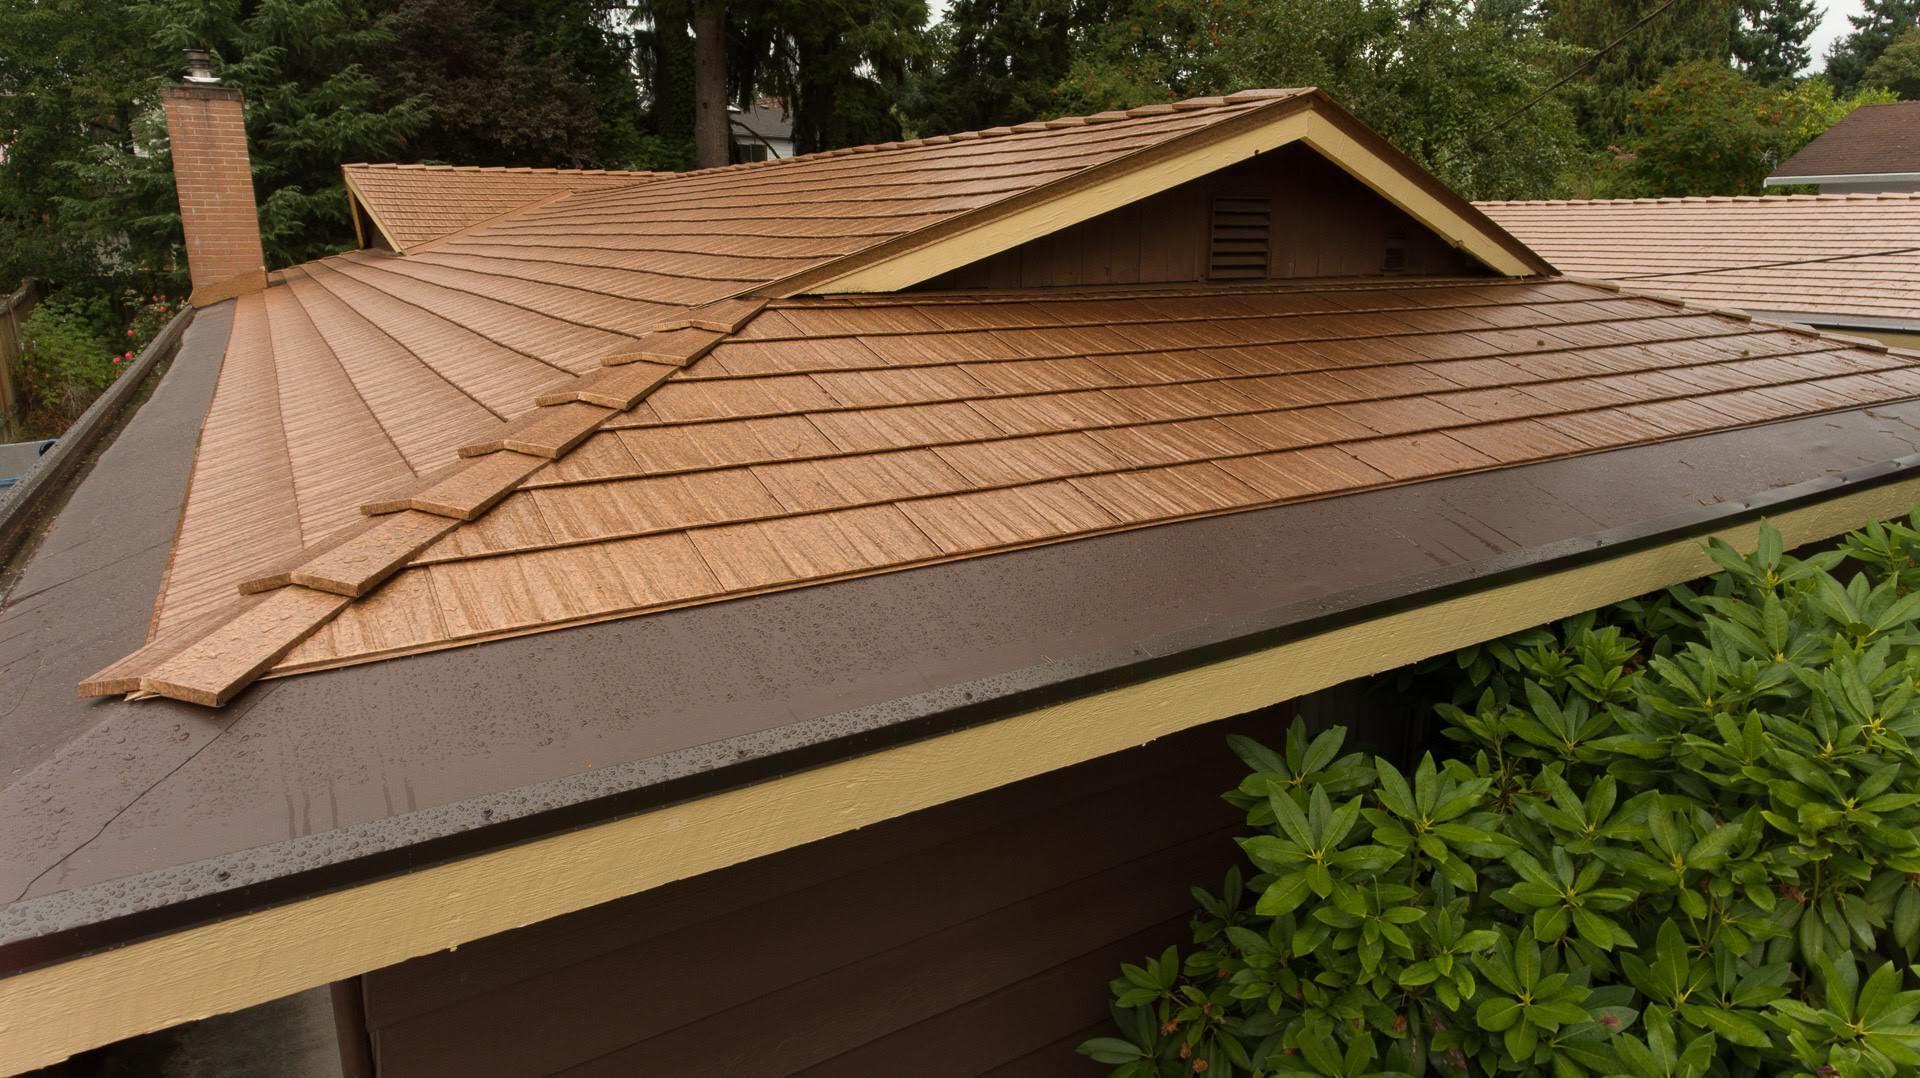 Bellevue Wa Interlock Cedar Shingle Roofing System In 2020 Cedar Shingles Metal Roof Aluminum Roof